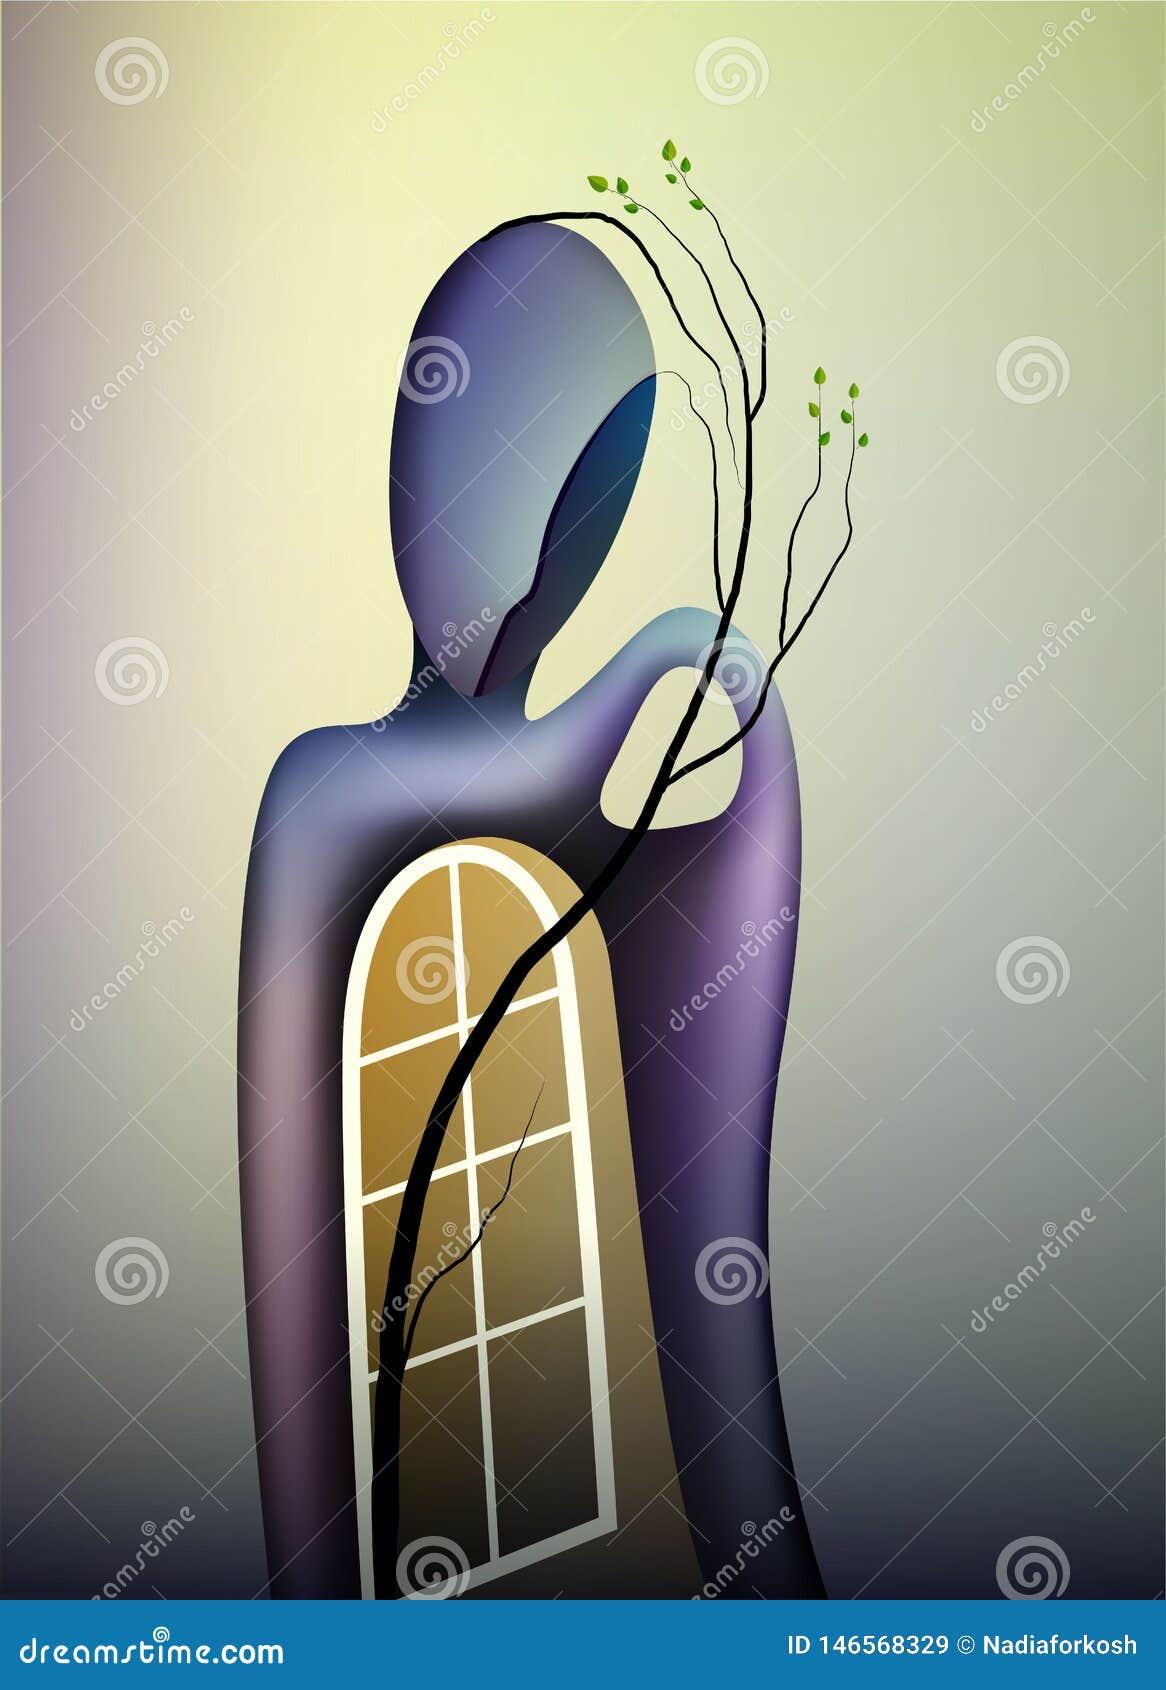 Skacze w duszy pojęciu, kształcie wspominki, mężczyźnie z otwartym okno i gałąź drzewny dorośnięcie wśrodku, współczesna wiosna